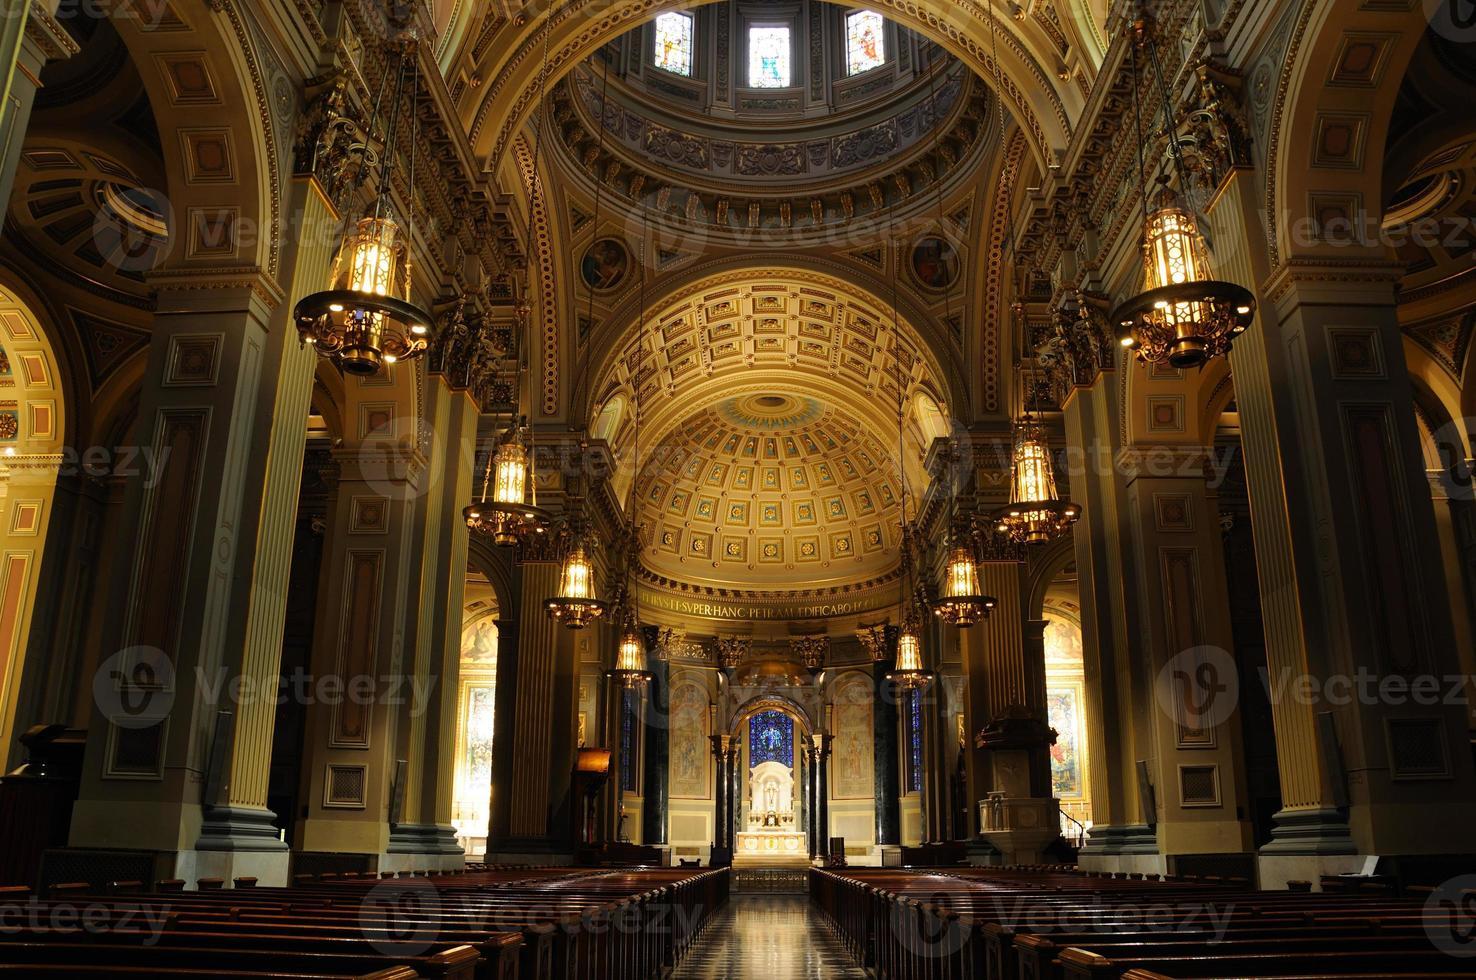 histórica catedral basílica de los santos pedro y pablo-filadelfia foto